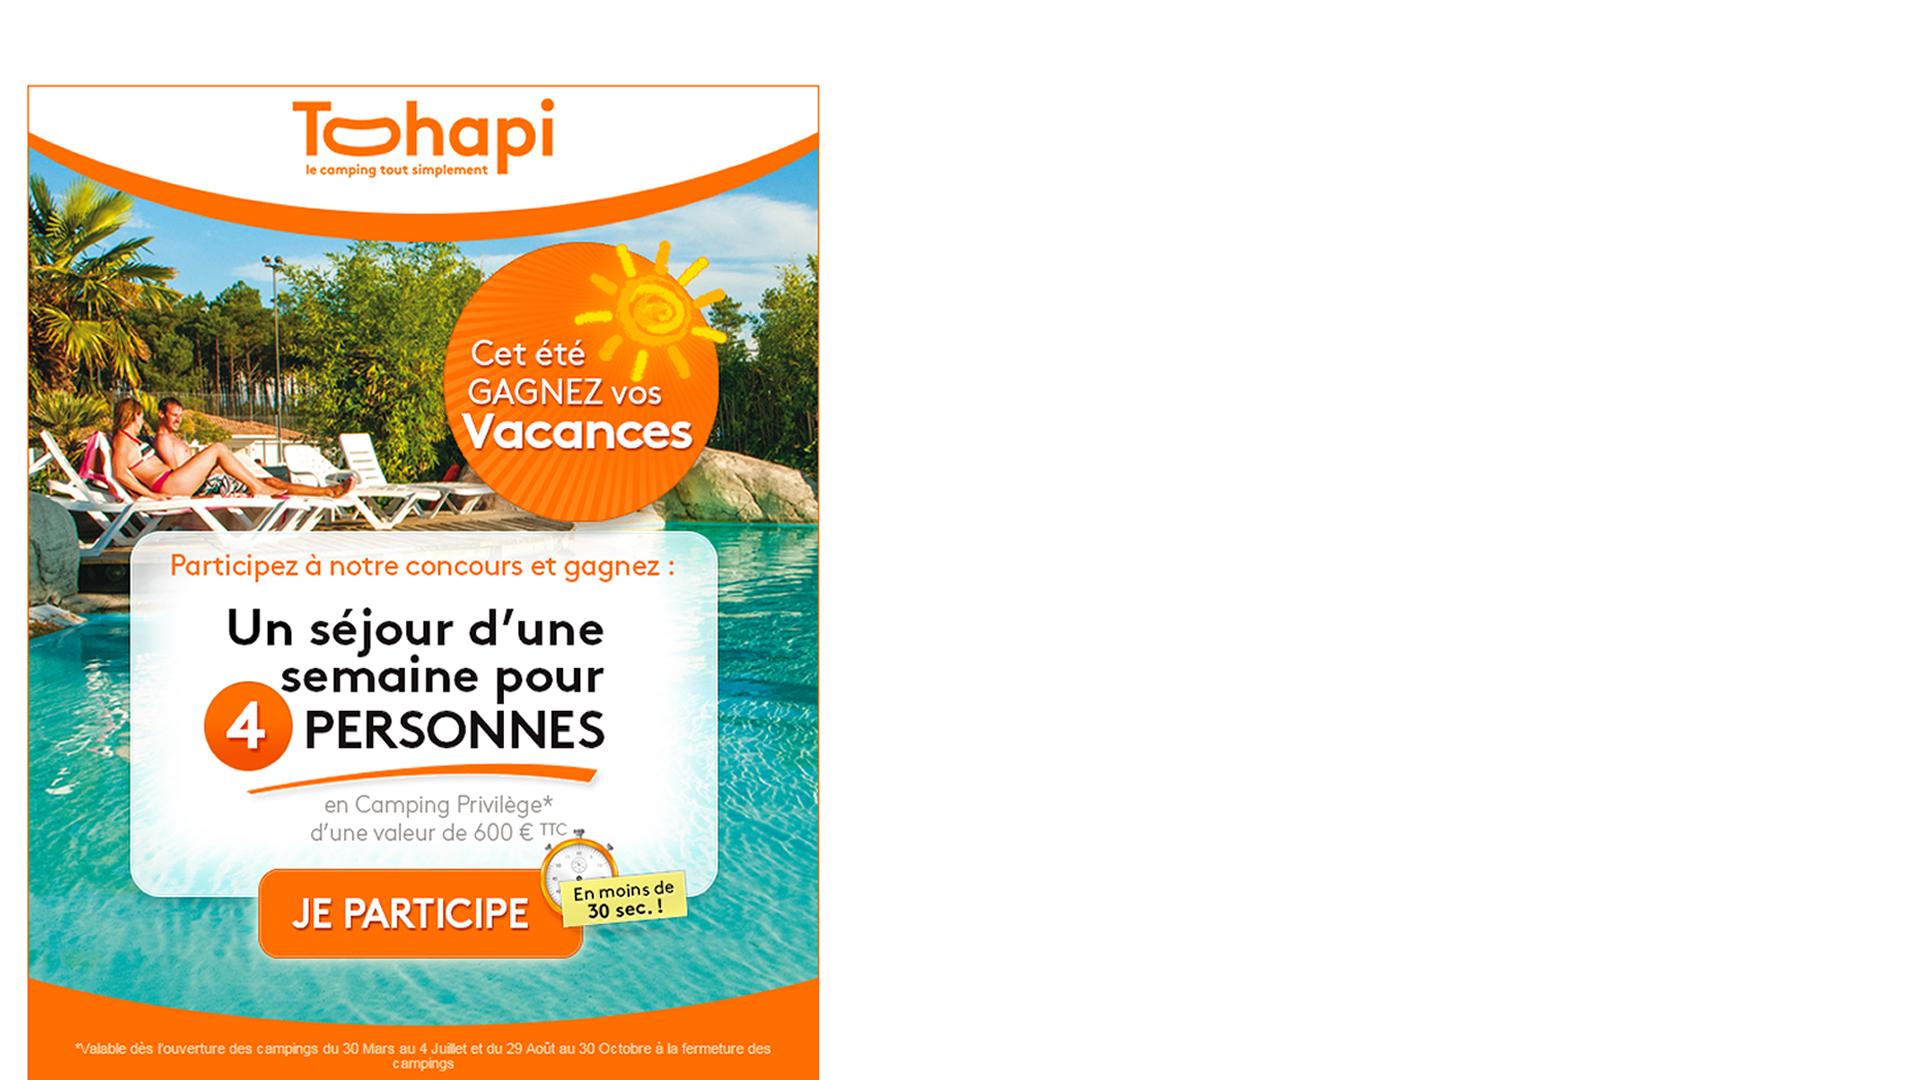 Création graphique de l'email de participation au jeu concours Tohapi.